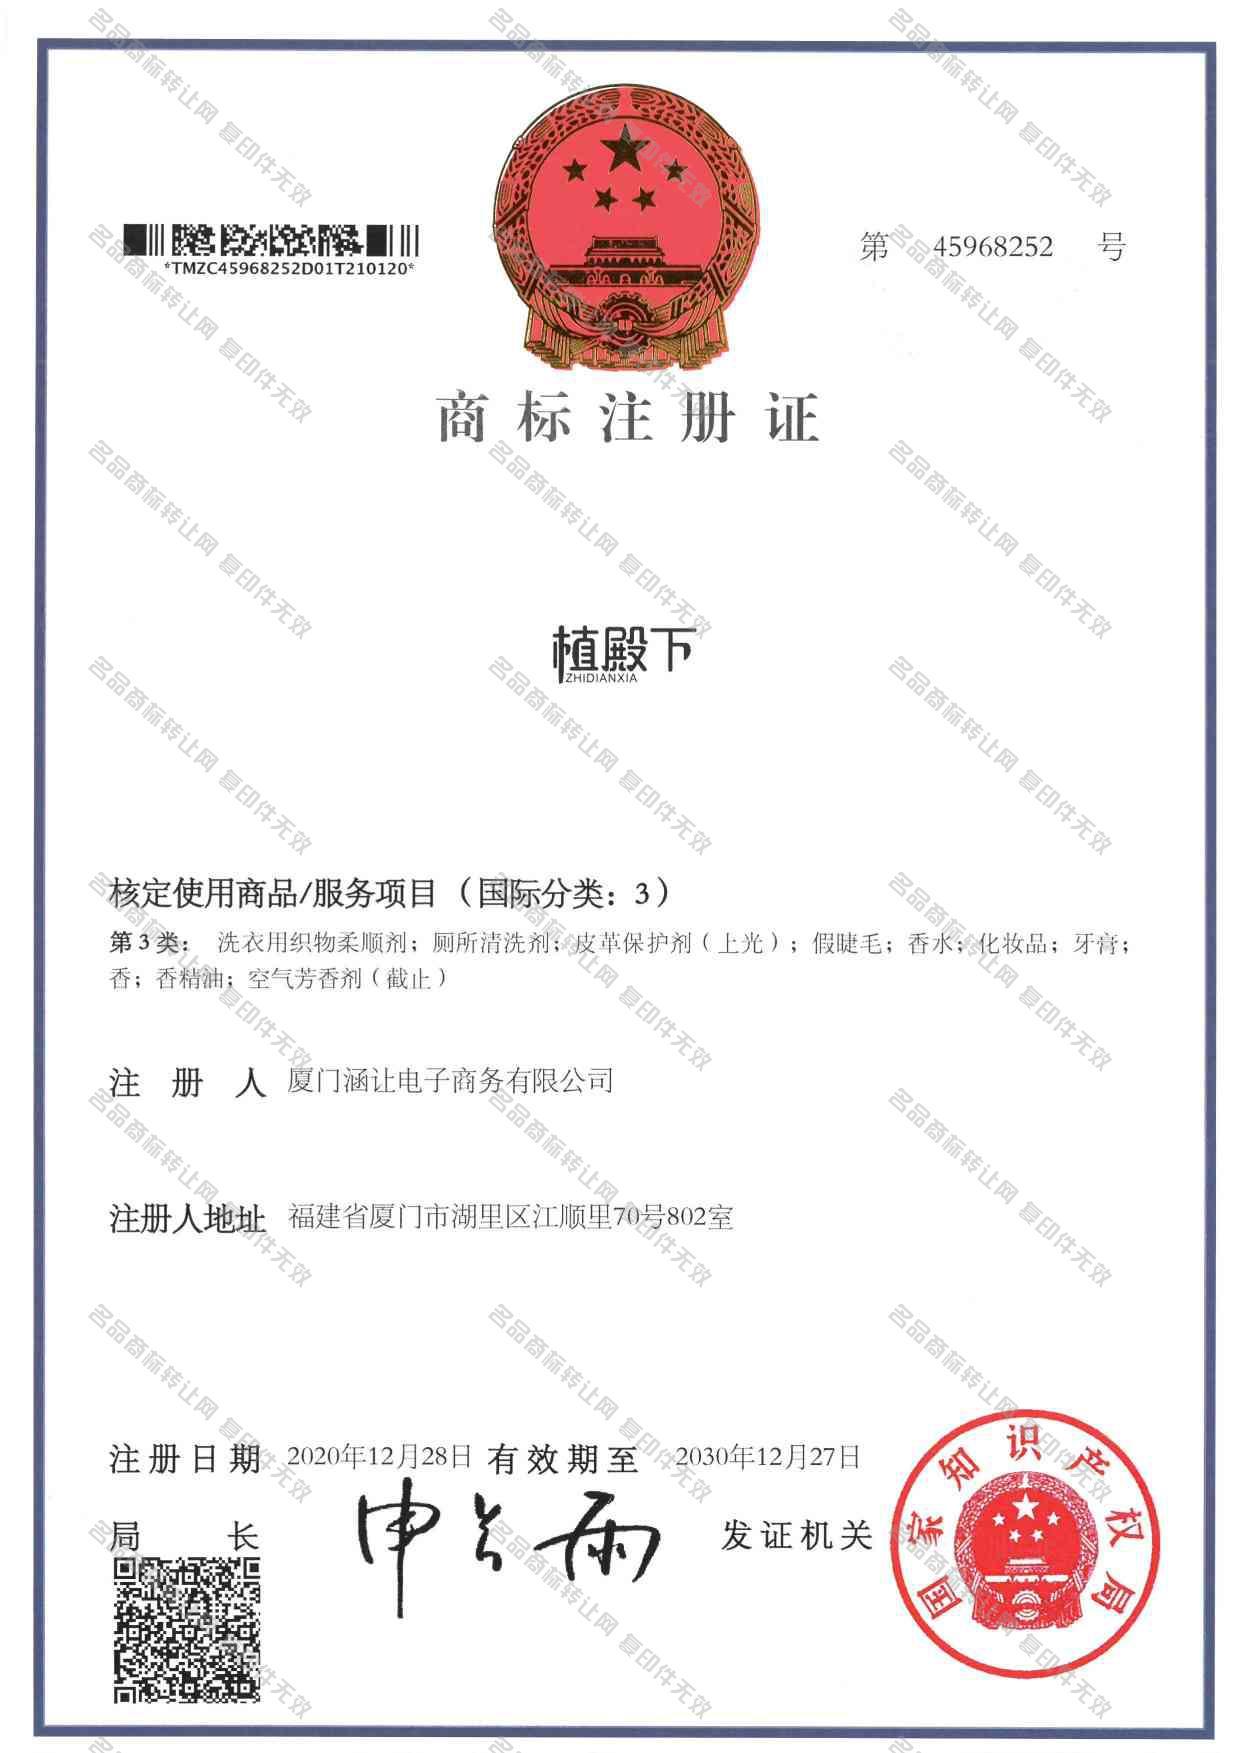 植殿下;ZHIDIANXIA注册证